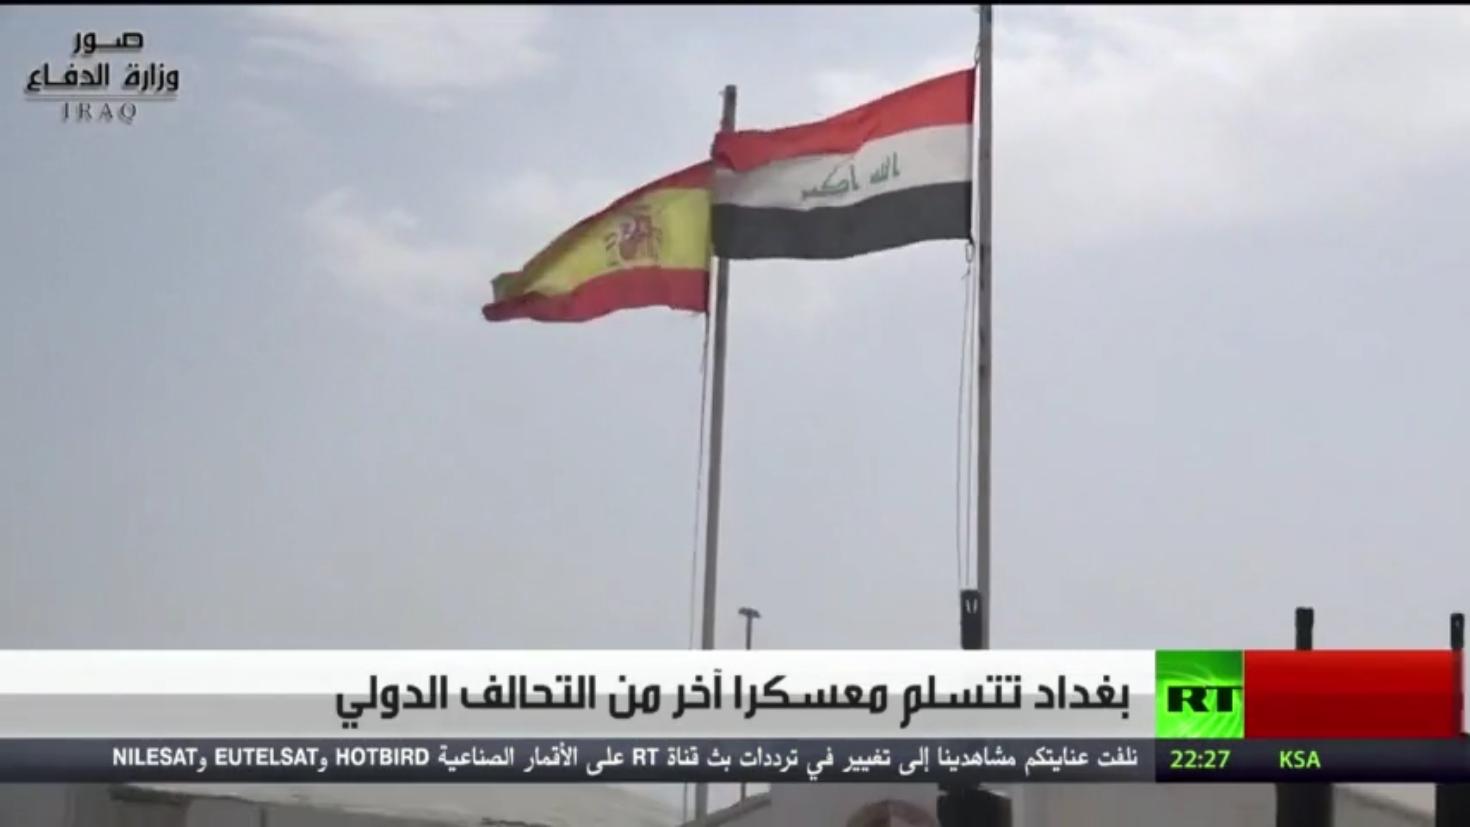 بغداد تتسلم معسكرا آخر من التحالف الدولي